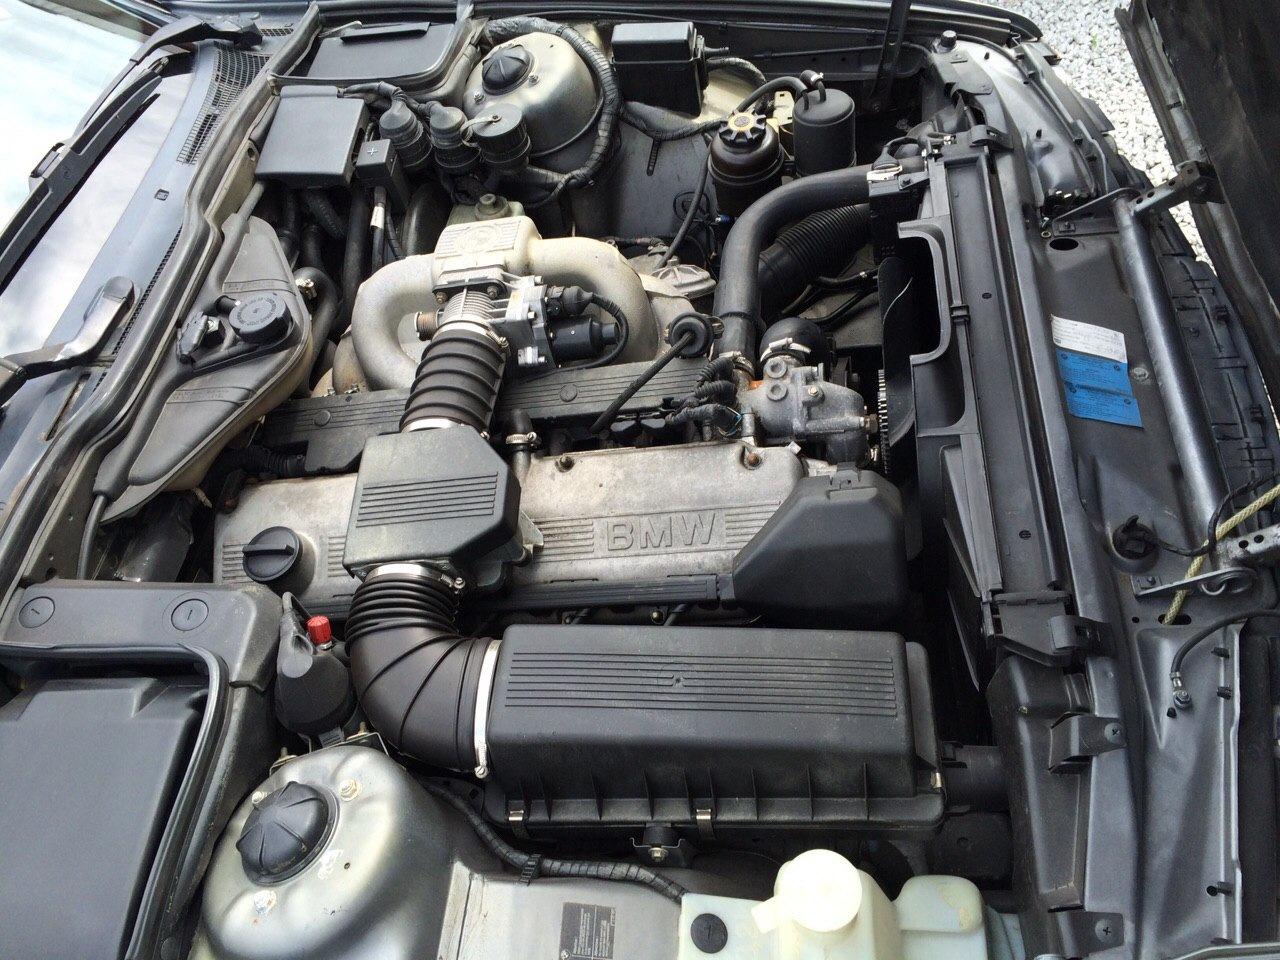 руководство по ремонту двигателя m30b35 bmw e34